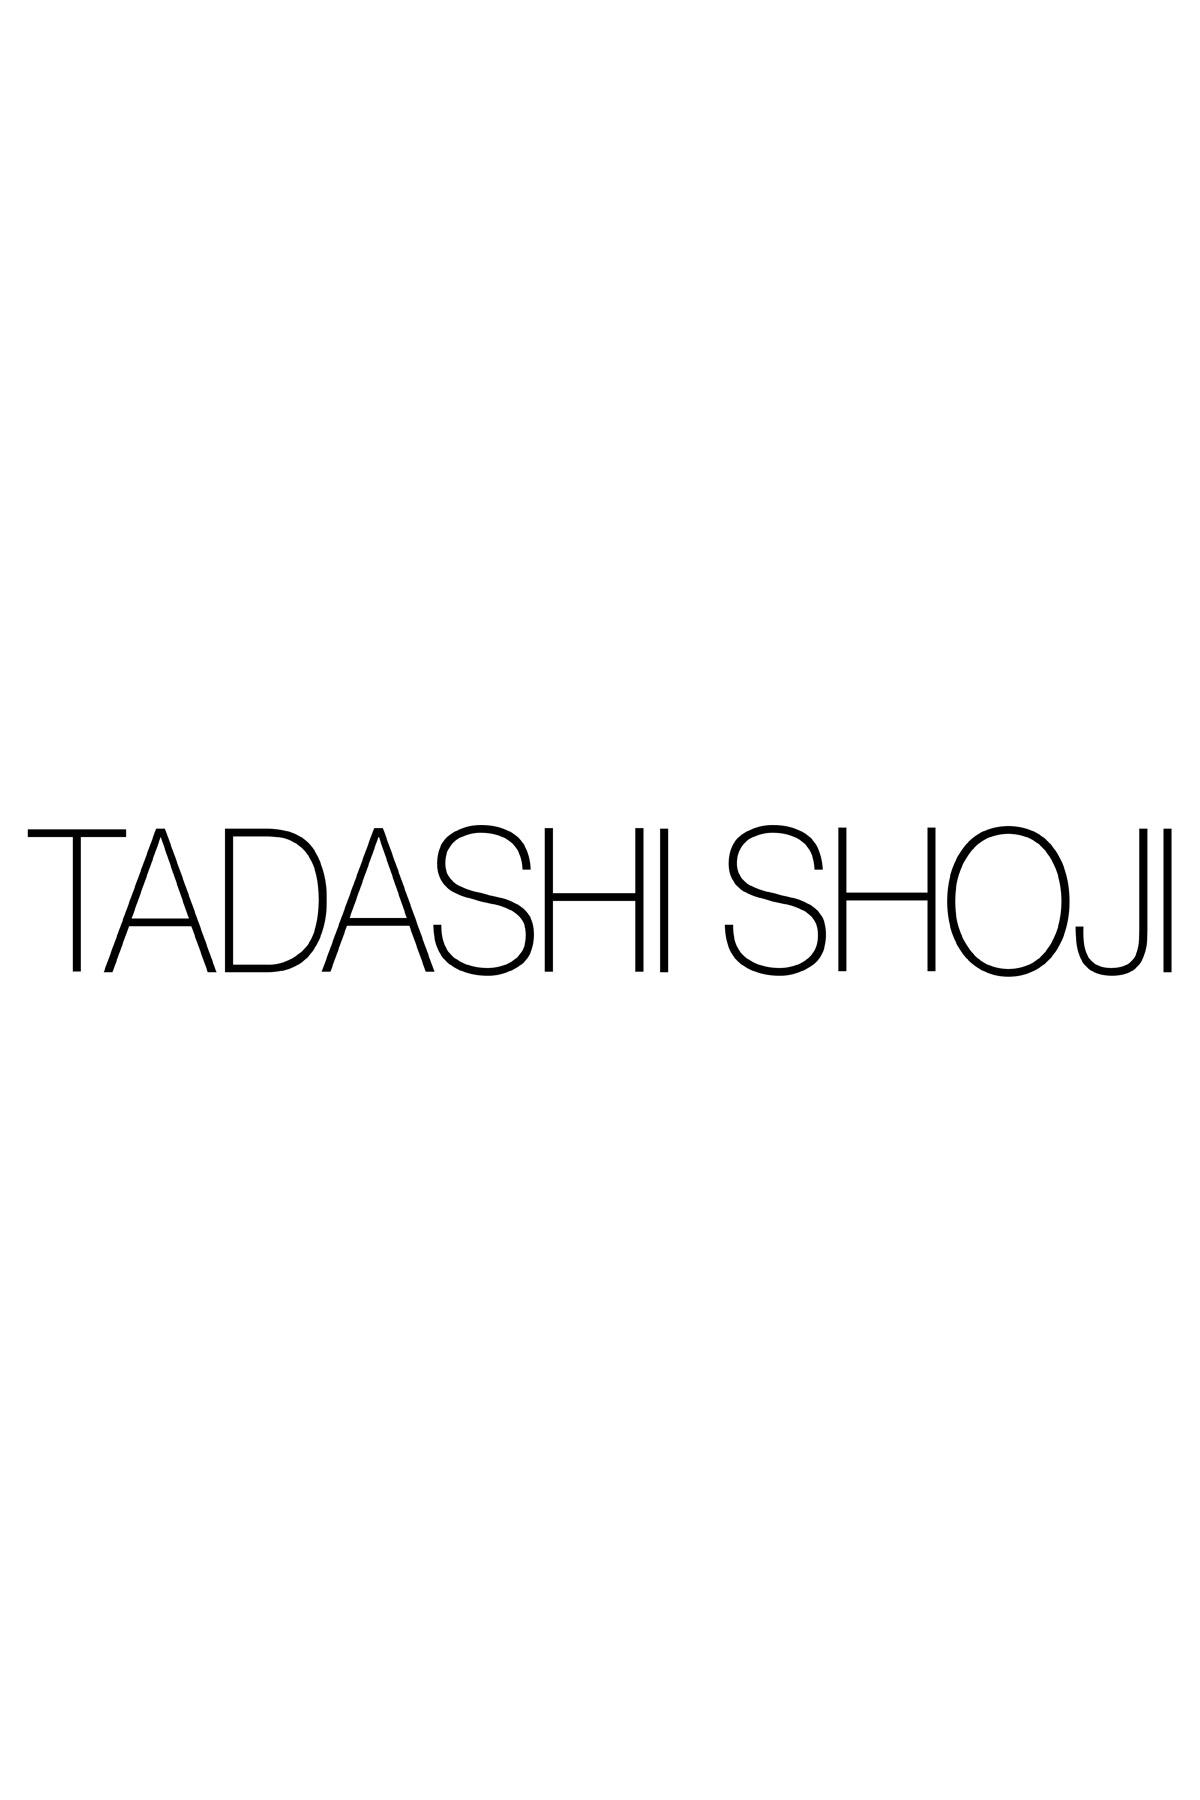 a79cc06ce0a Tadashi Shoji - Camilla Tea-Length Dress - PETITE ...